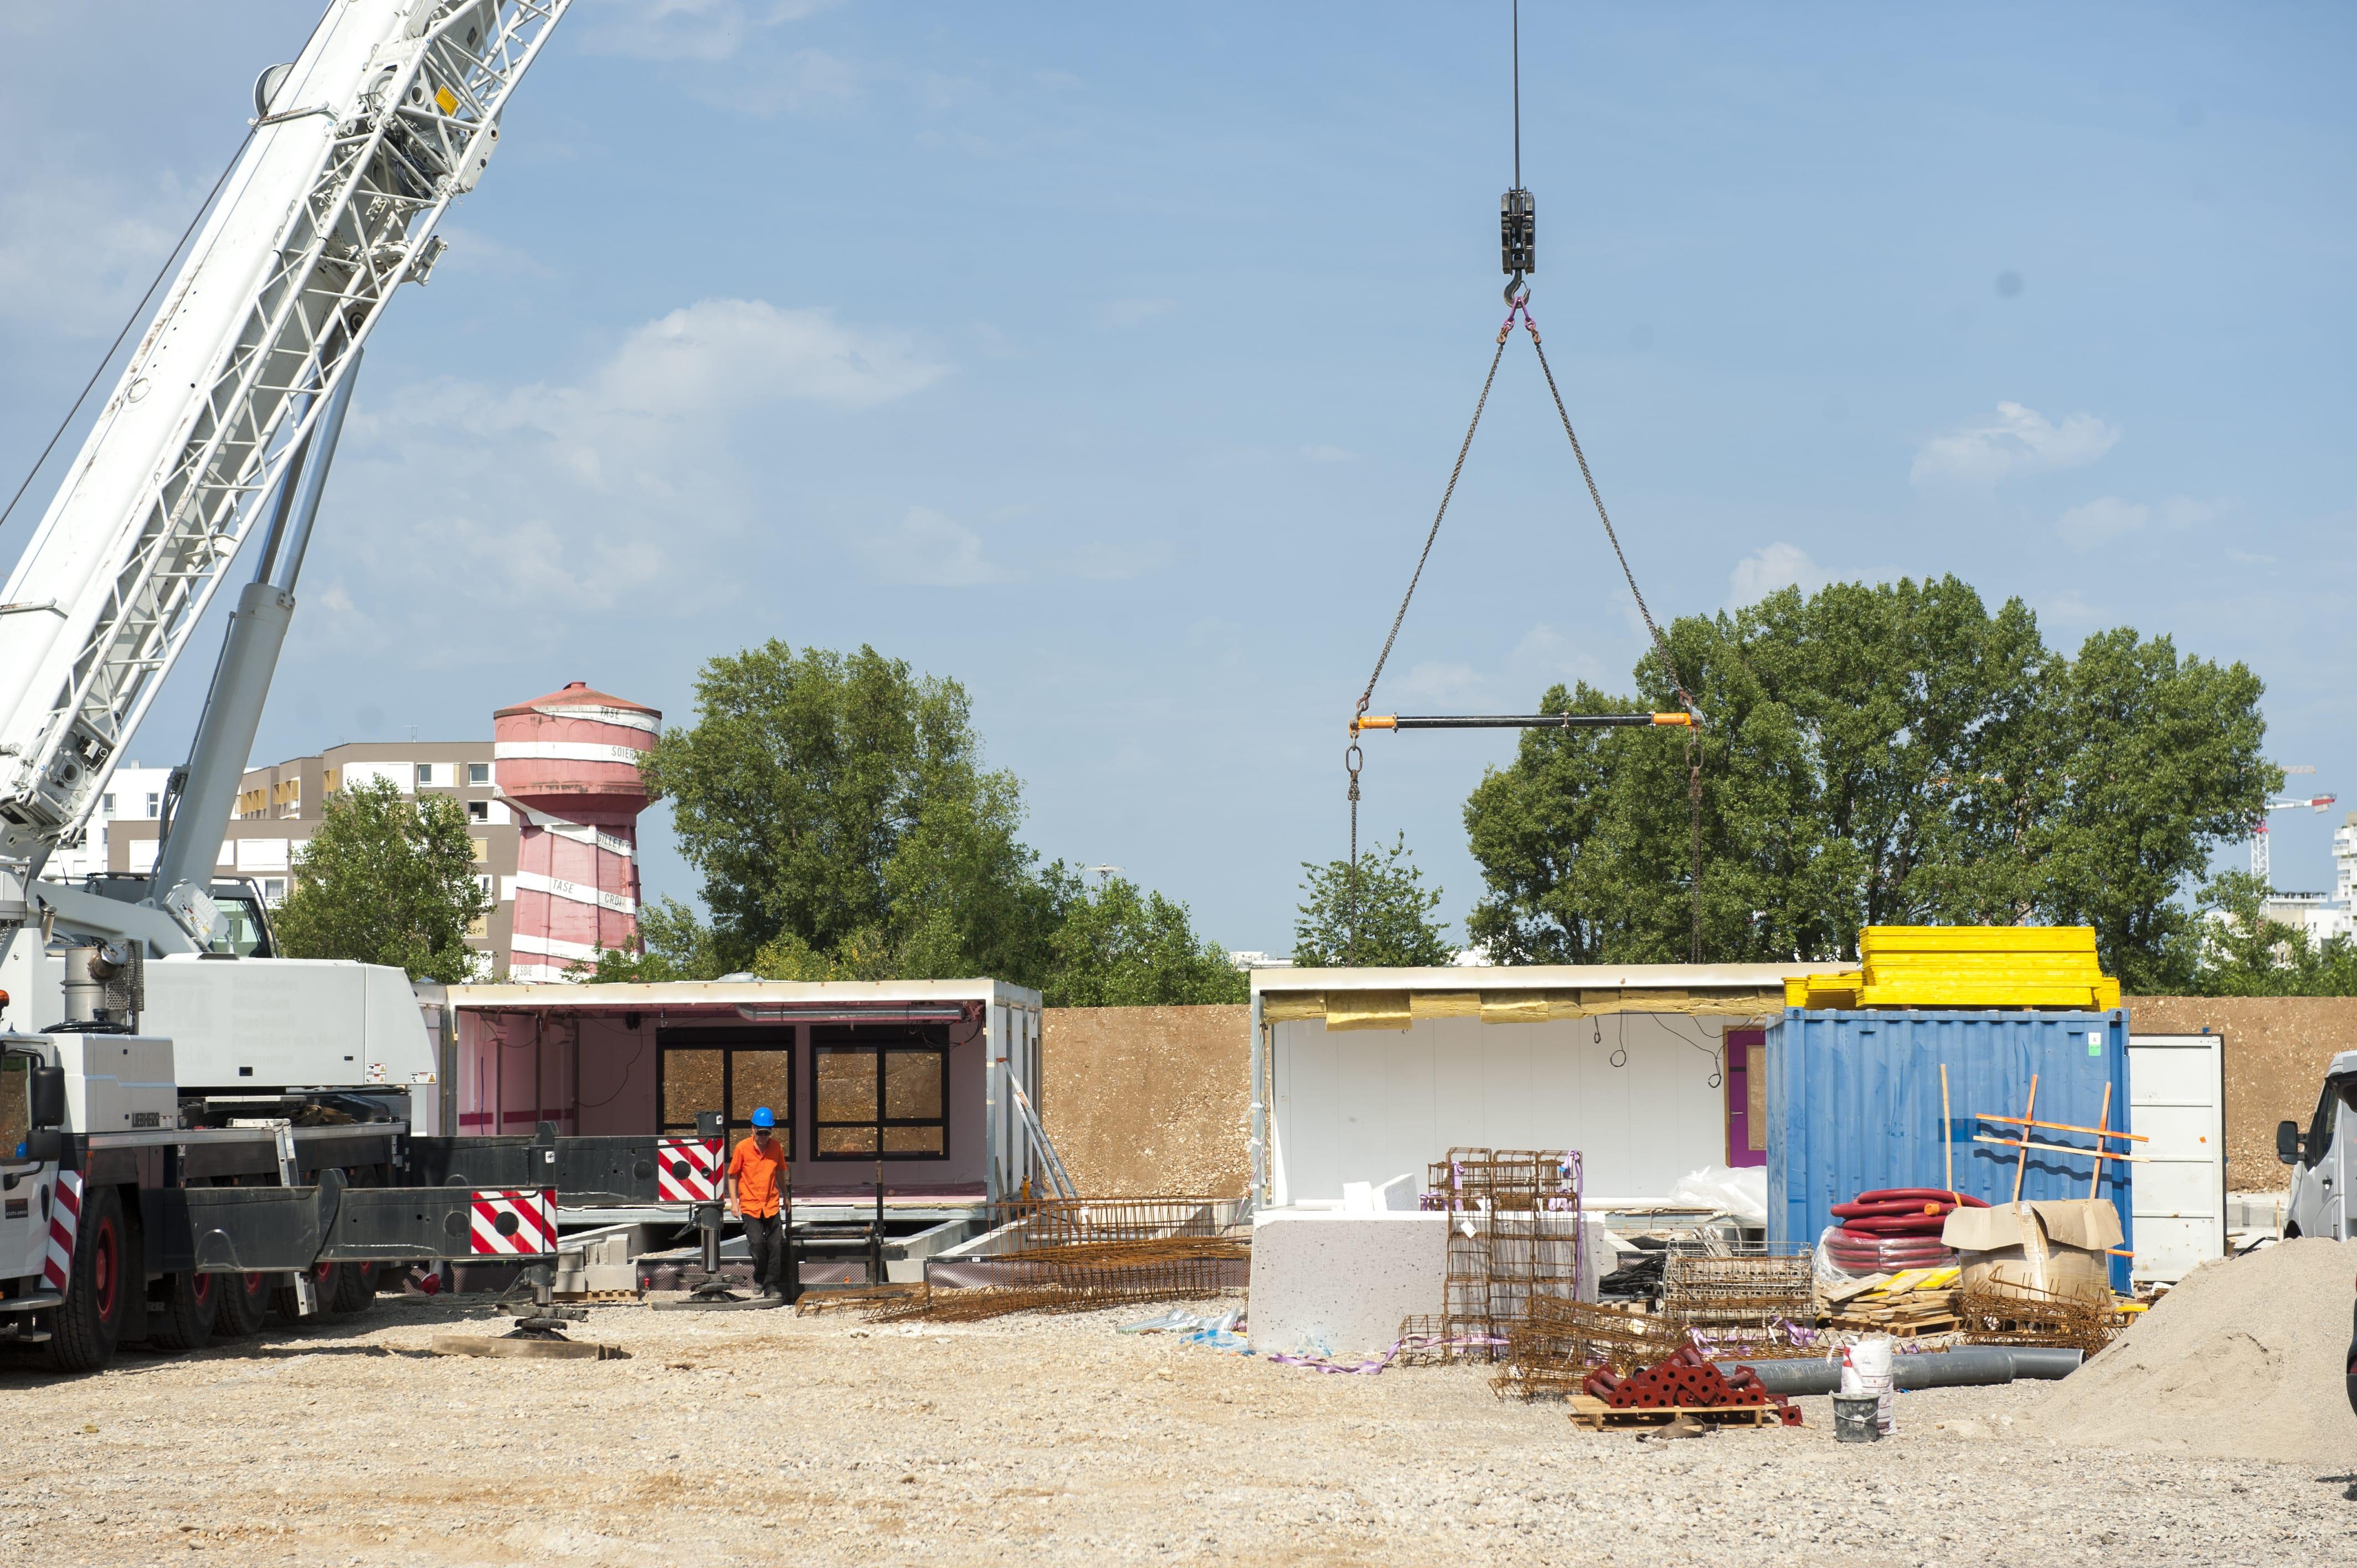 Pose des bungalows sur le site de l'école Odette Cartailhac transitoire